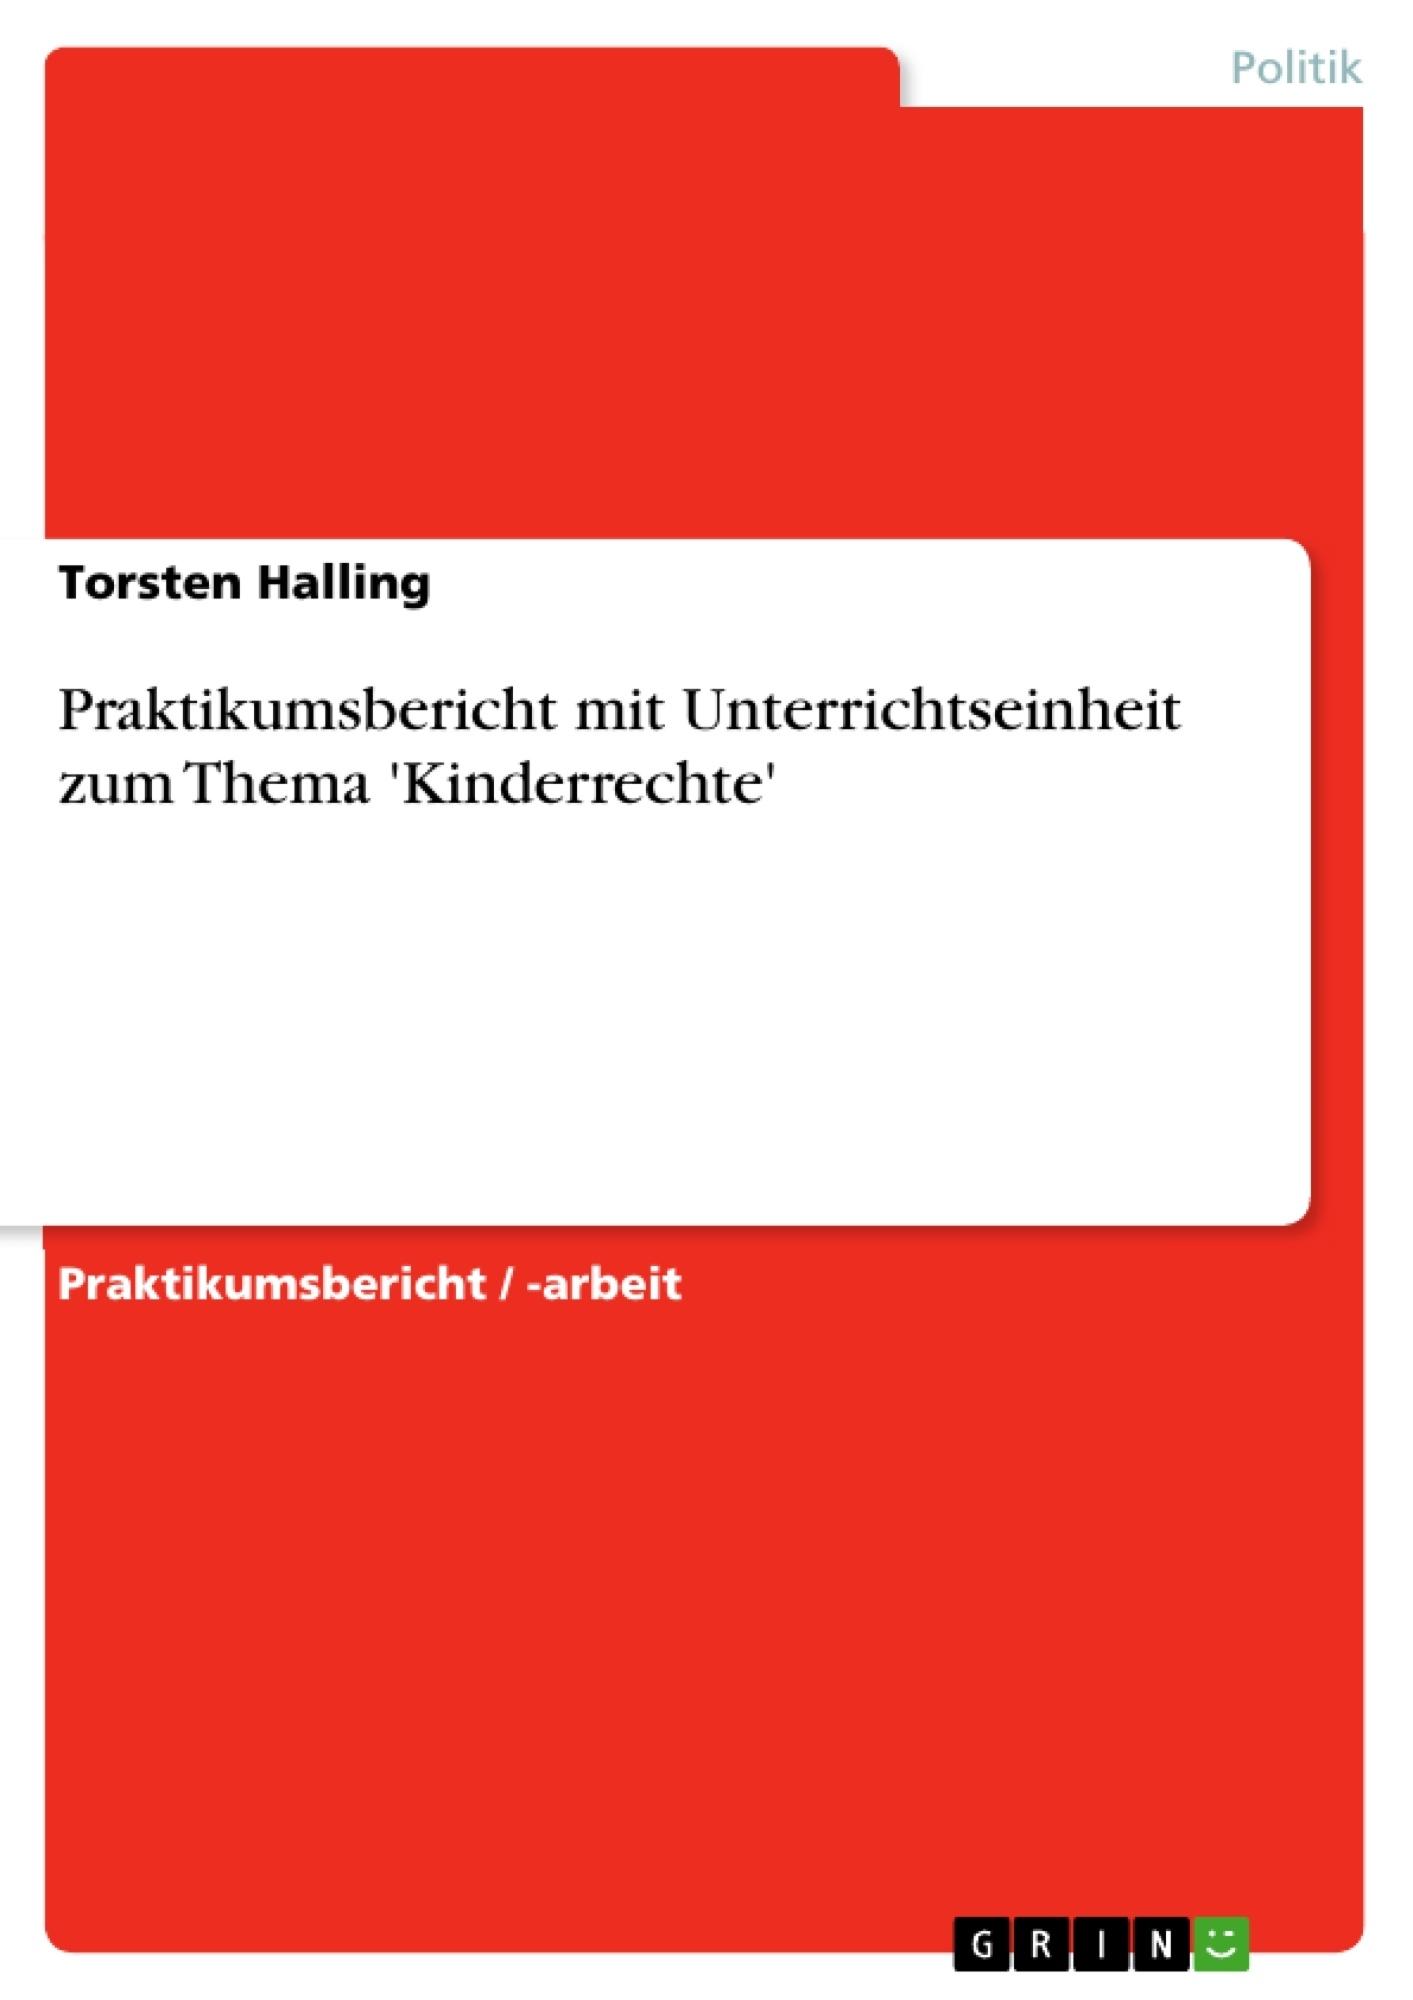 Titel: Praktikumsbericht mit Unterrichtseinheit zum Thema 'Kinderrechte'